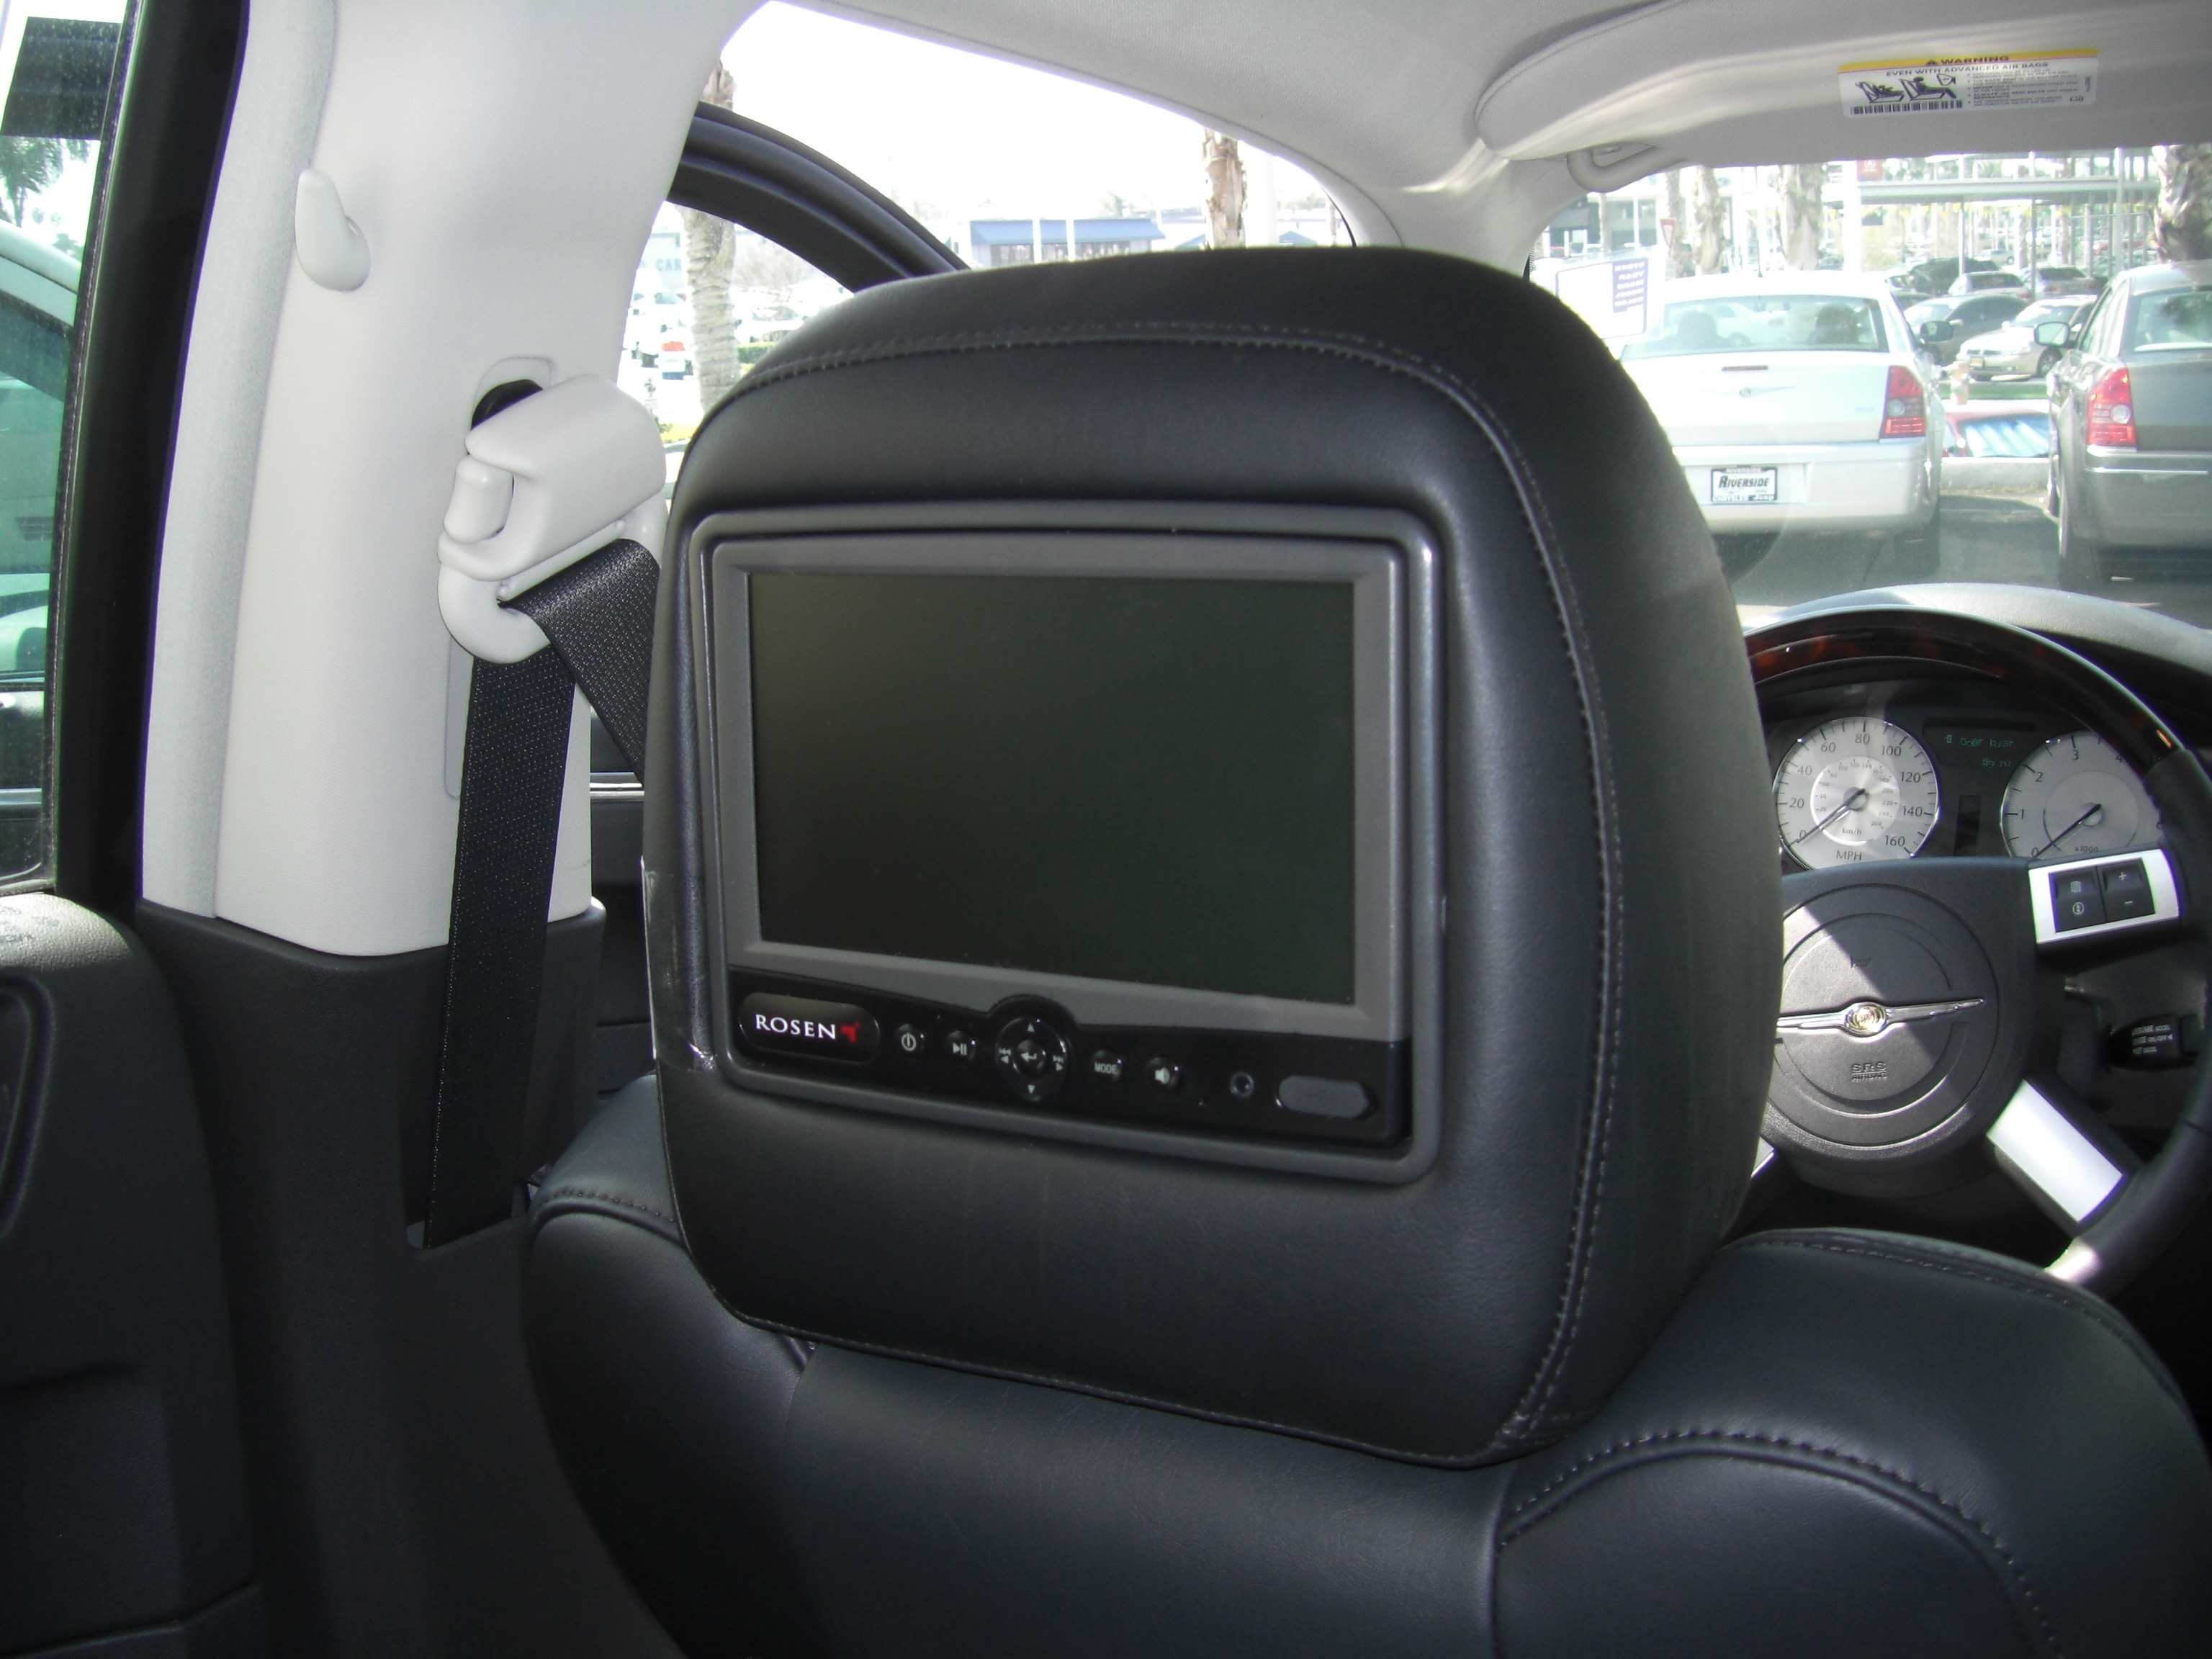 Chrysler Rear Seat Entertainment Rosen Av7500 Dvd Headrest